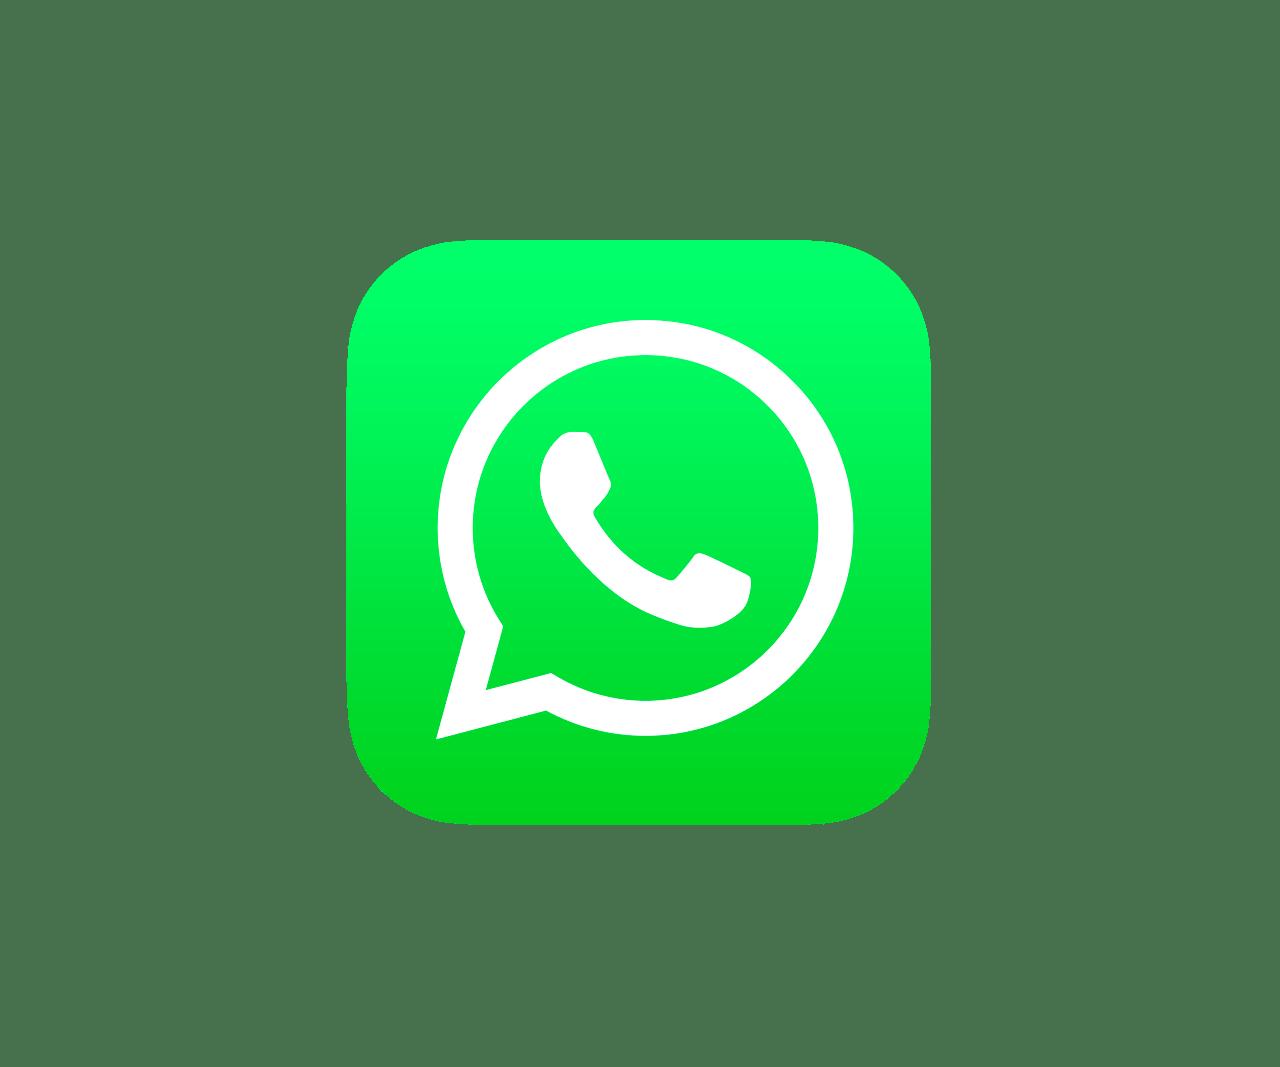 Dúvidas, entre em contato conosco via Whatsapp.